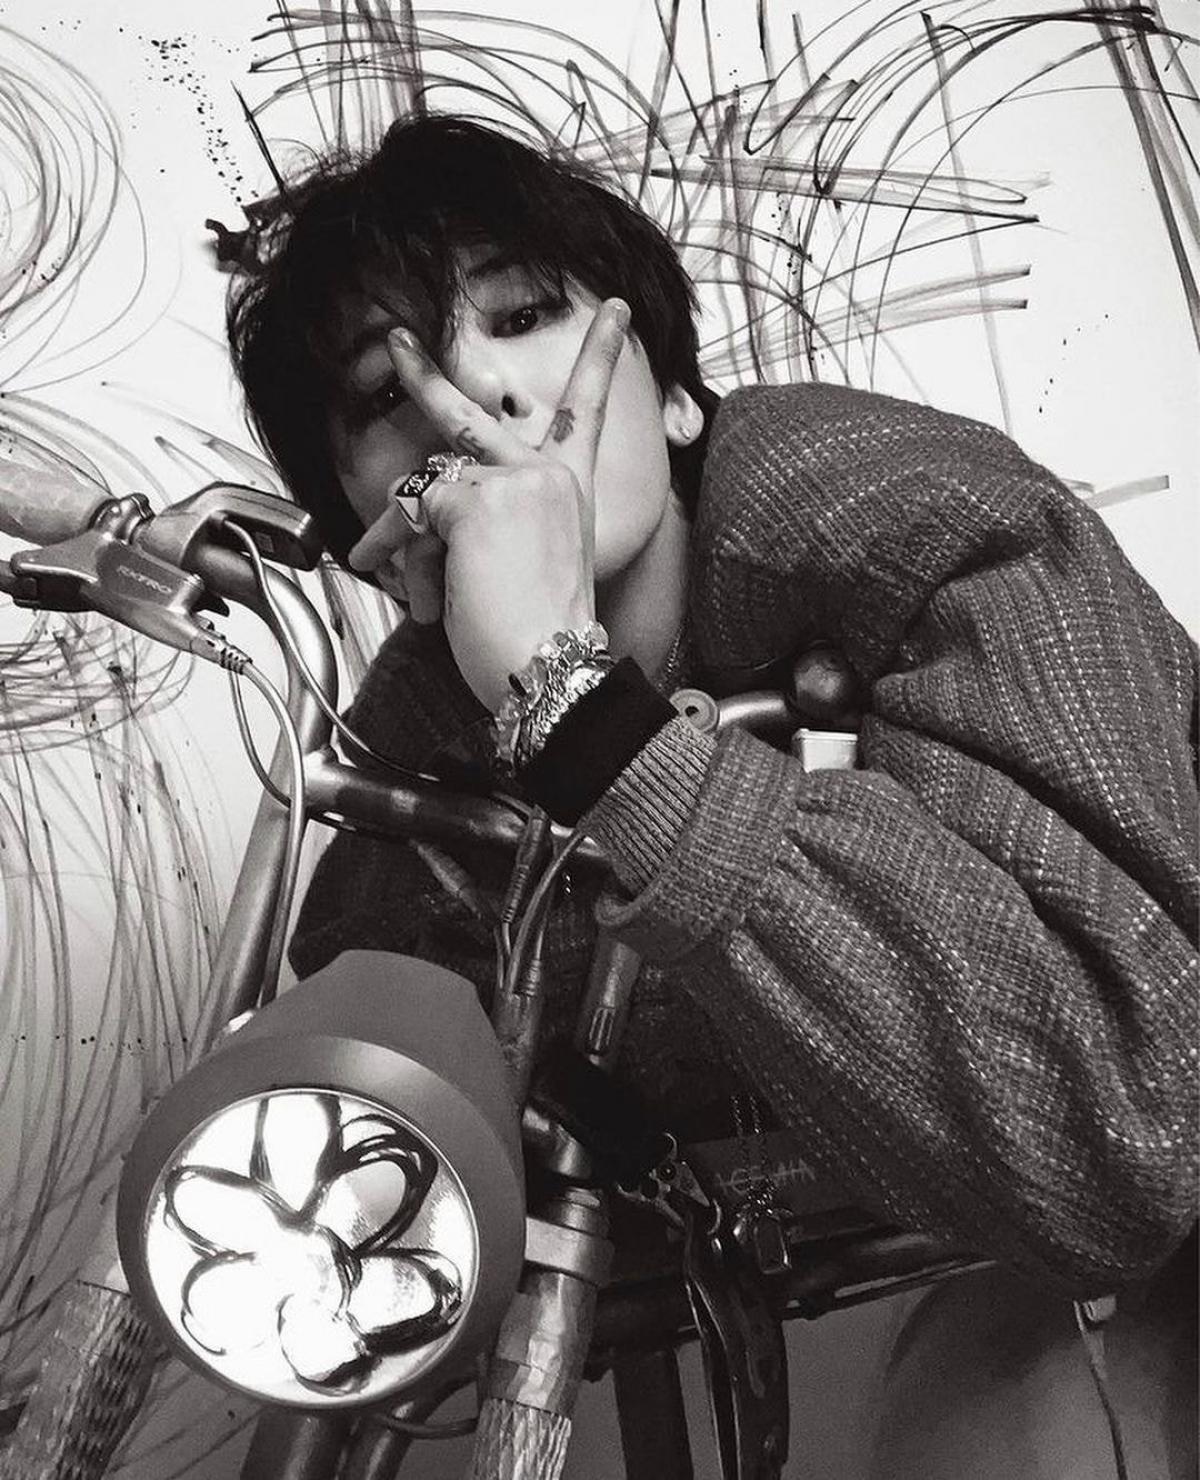 G-Dragon khẳng định đẳng cấp 'Ông hoàng thời trang' với 8 trang bìa tạp chí - Ảnh 4.